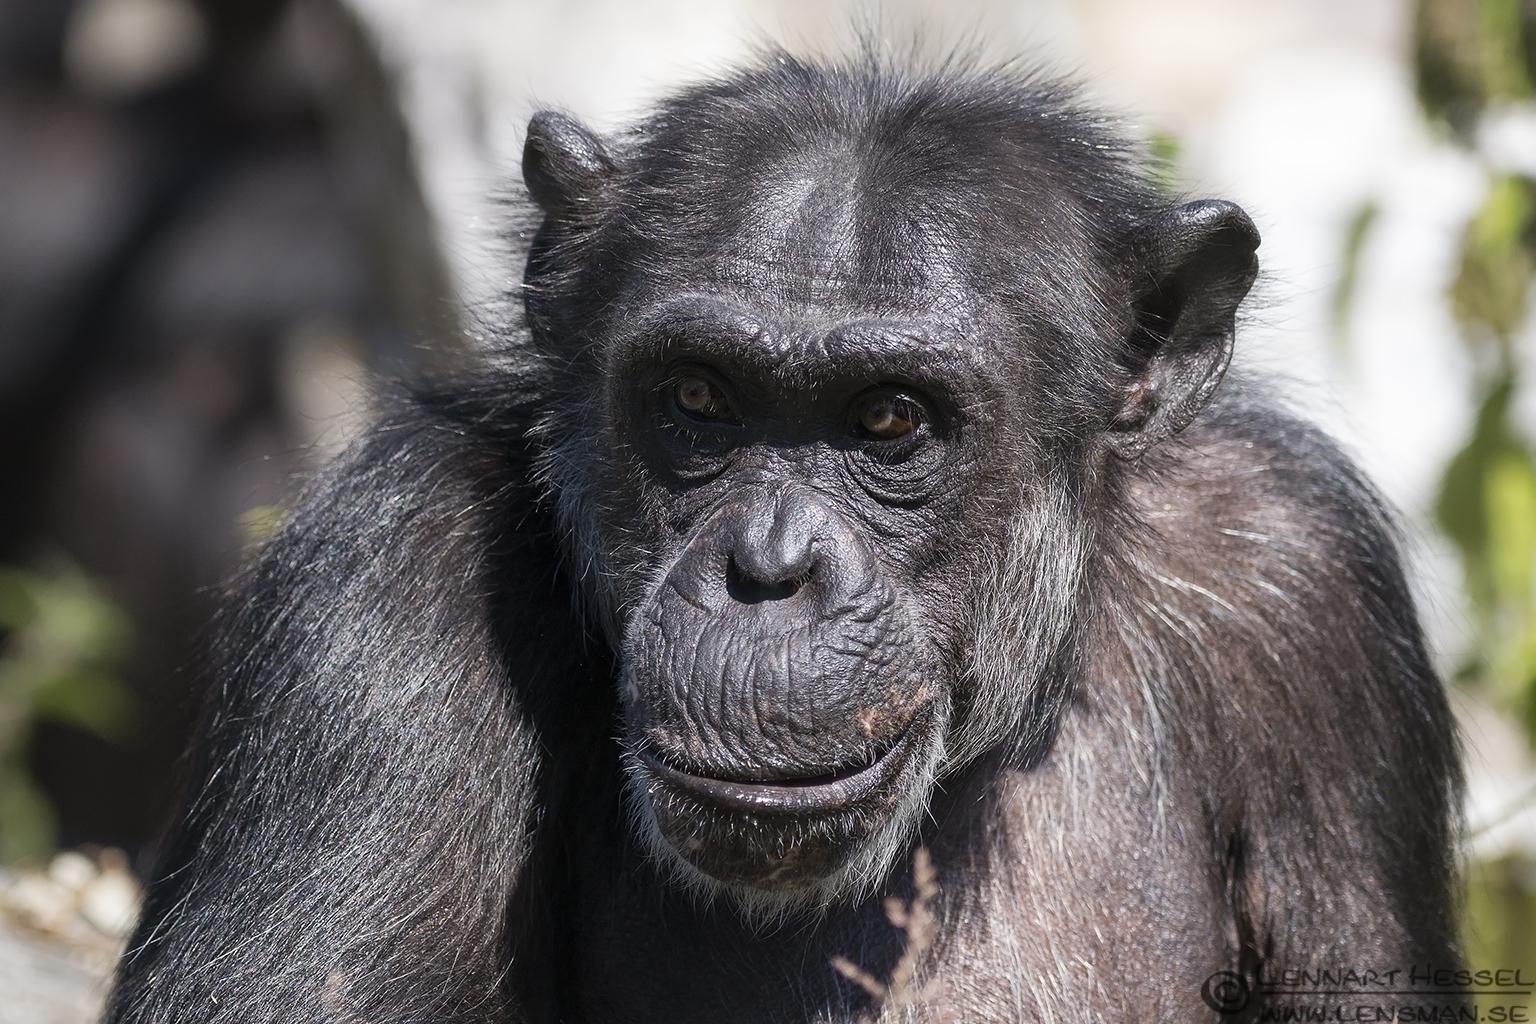 Chimpanzee grandma Borås Zoo